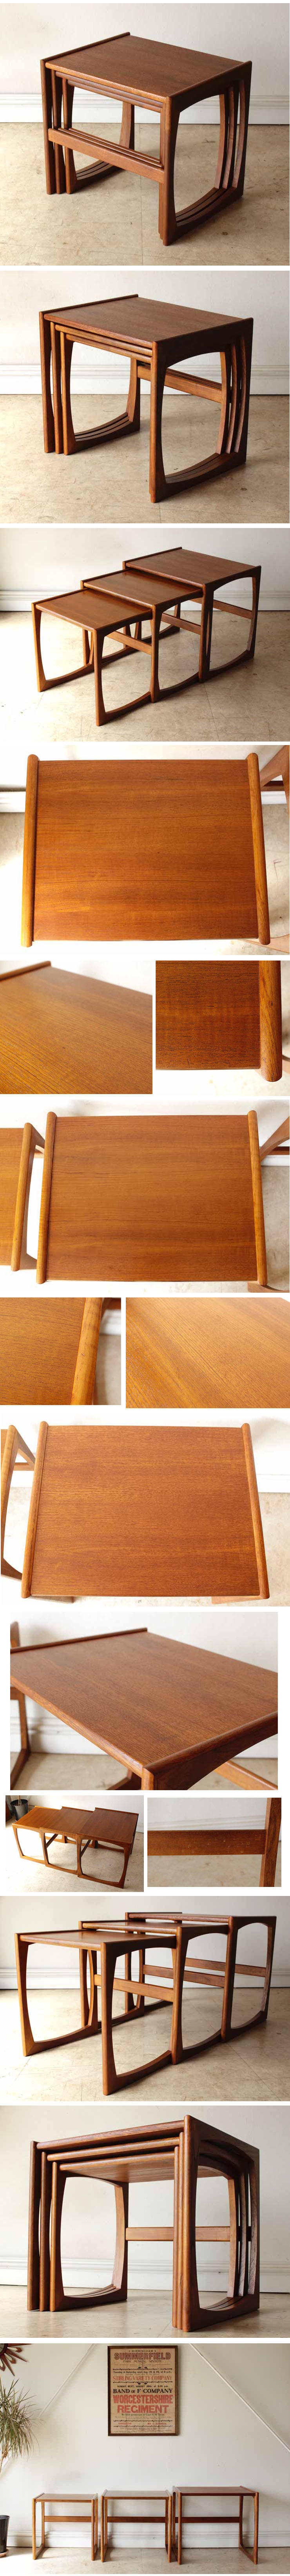 ジープラン・ネストテーブル・チーク・ビンテージ・コーヒーテーブル・アンティーク・北欧